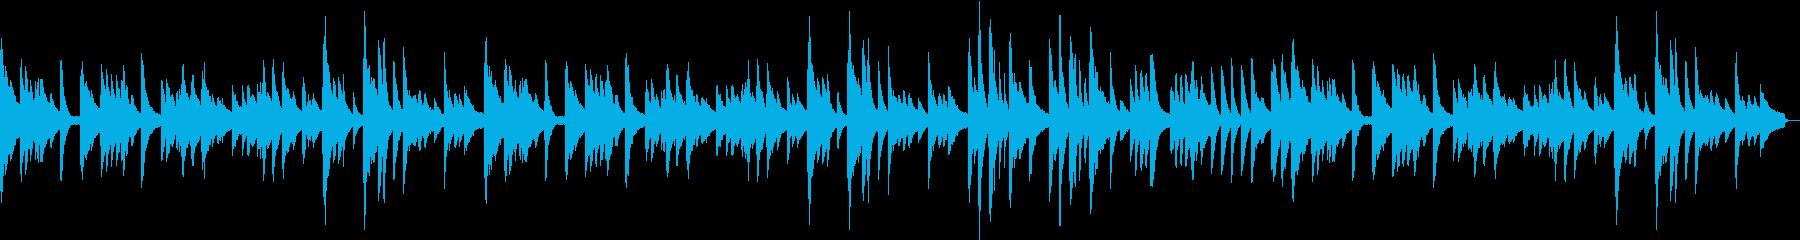 ゆっくりしたピアノ曲の再生済みの波形